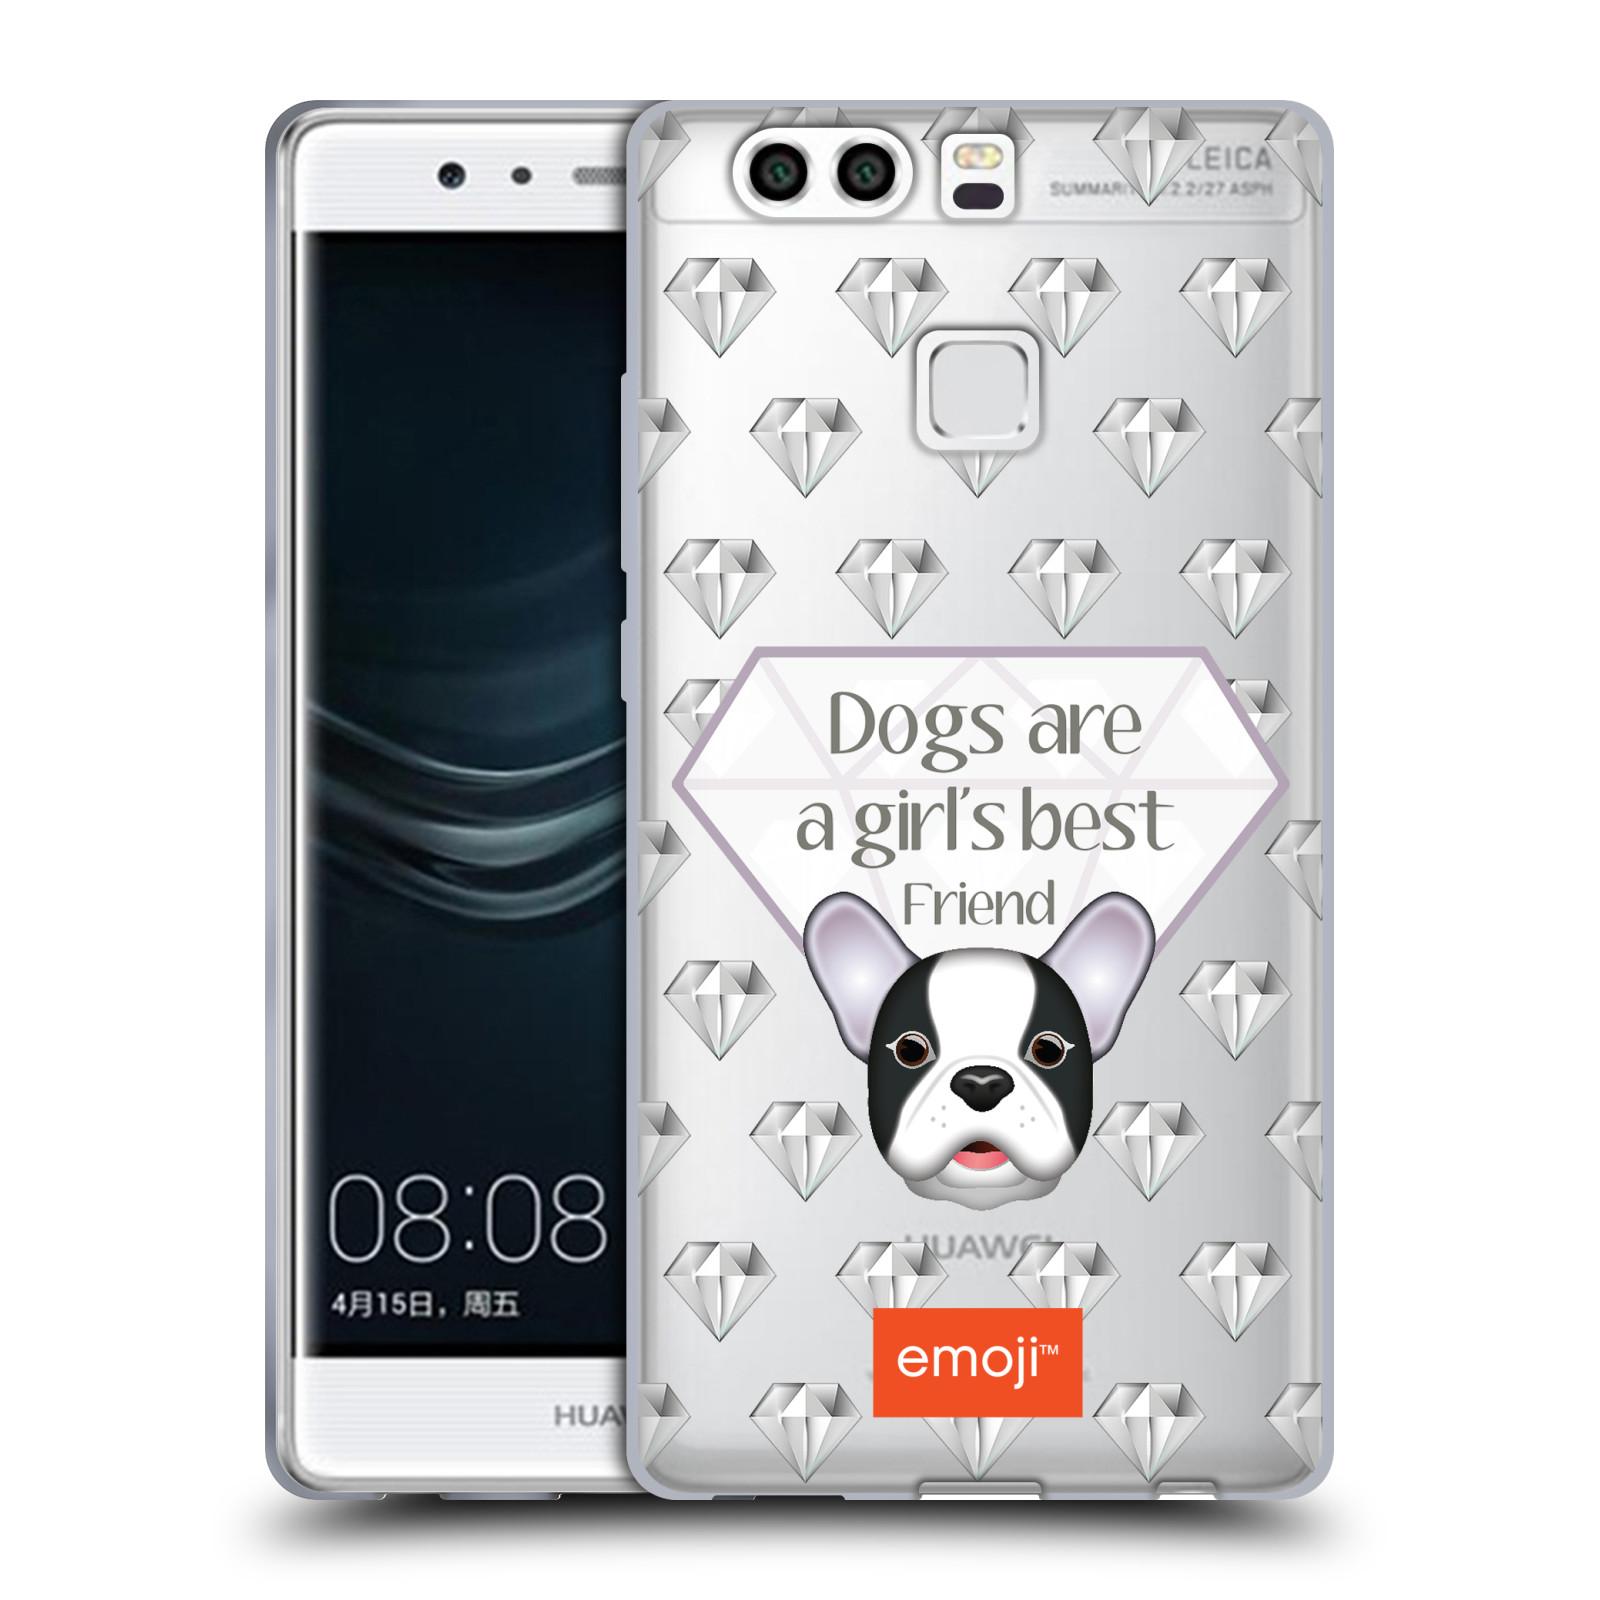 HEAD CASE silikonový obal na mobil Huawei P9 PLUS   P9 PLUS DUAL SIM  oficiální kryt EMOJI pejsek nejlepší přítel ženy 00c4cdc5060